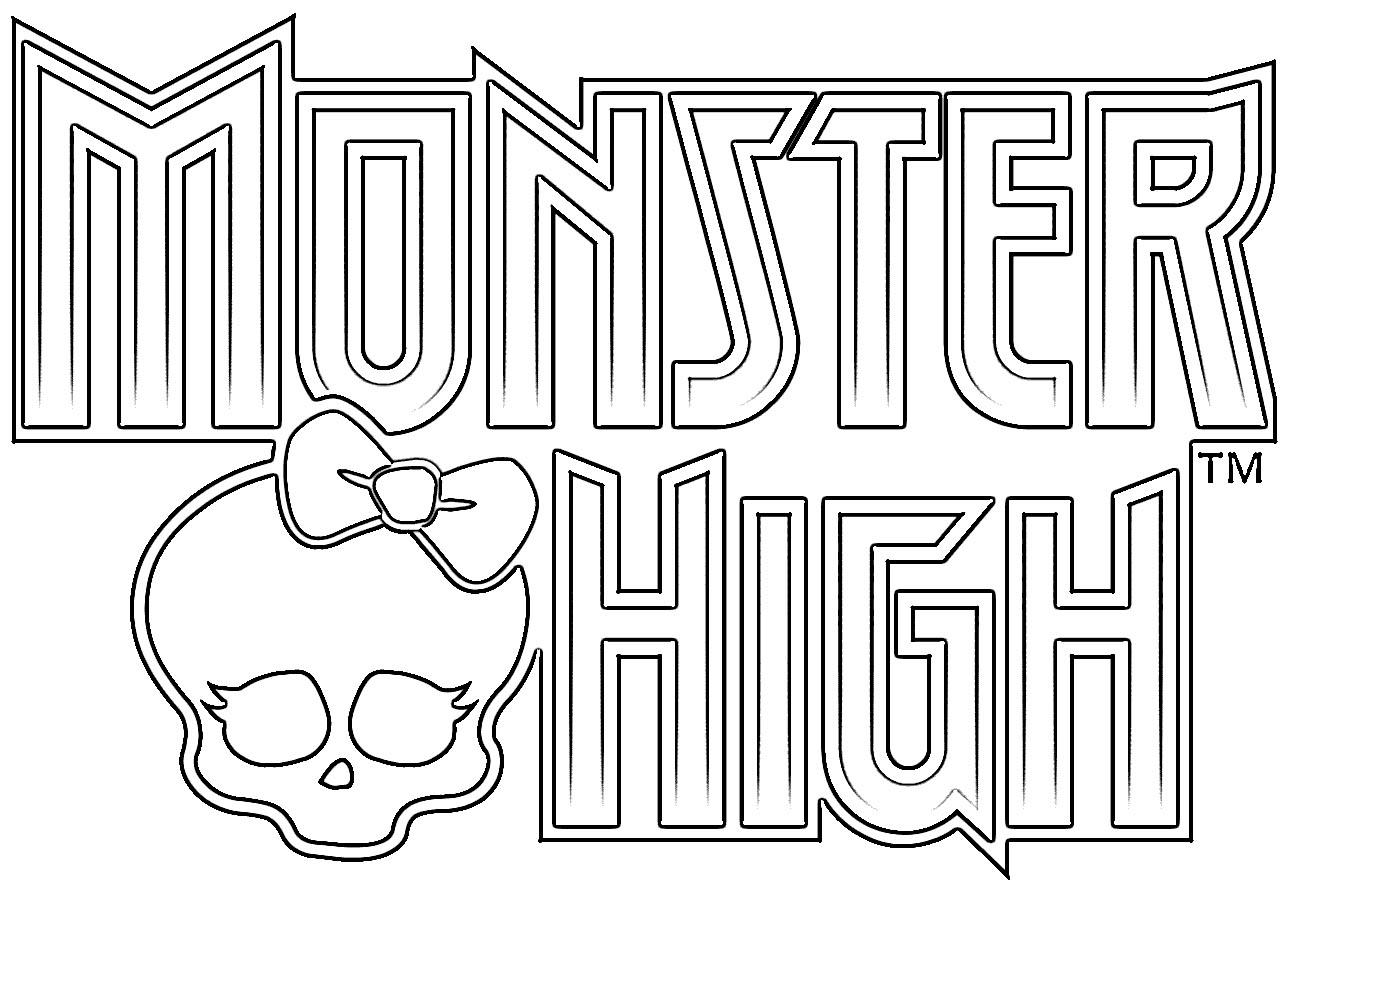 malvorlagen kostenlos monster high